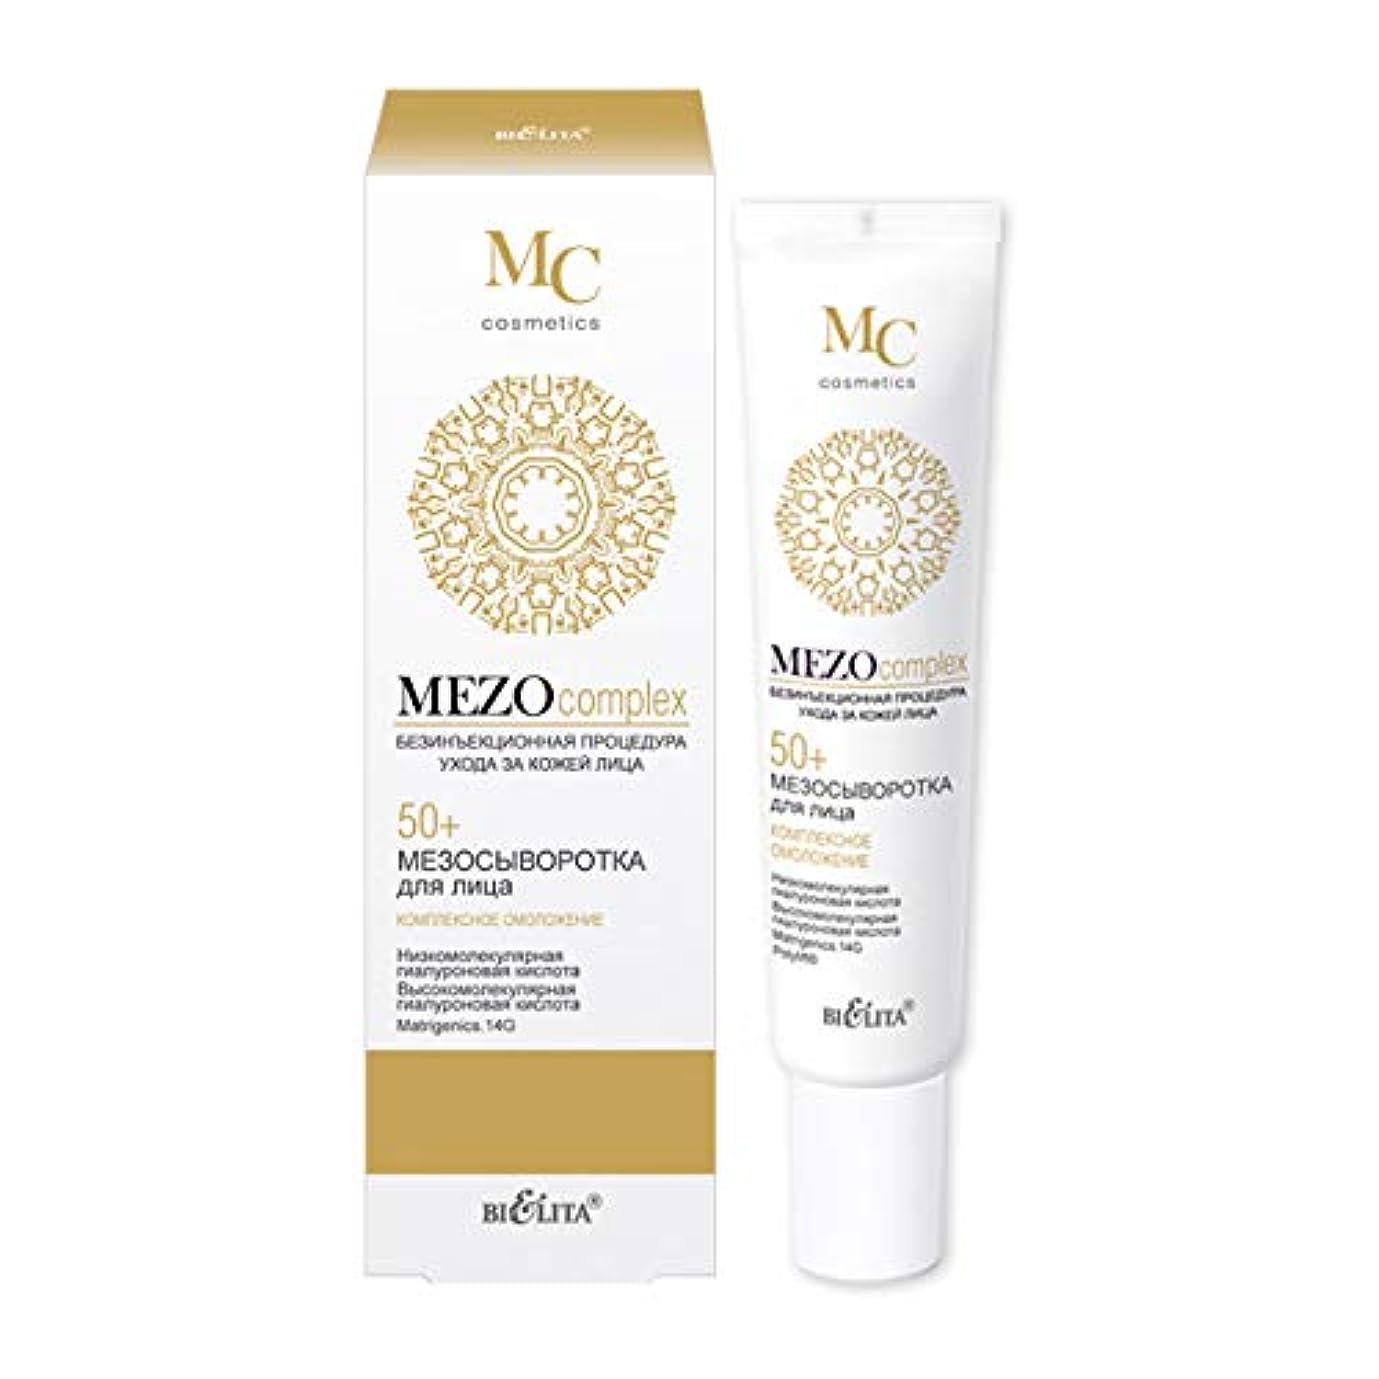 クリエイティブ肉の不振Mezo complex | Mezo Serum Complex 50+ | Non-injection facial skin care procedure | Hyaluronic acid | Matrigenics...